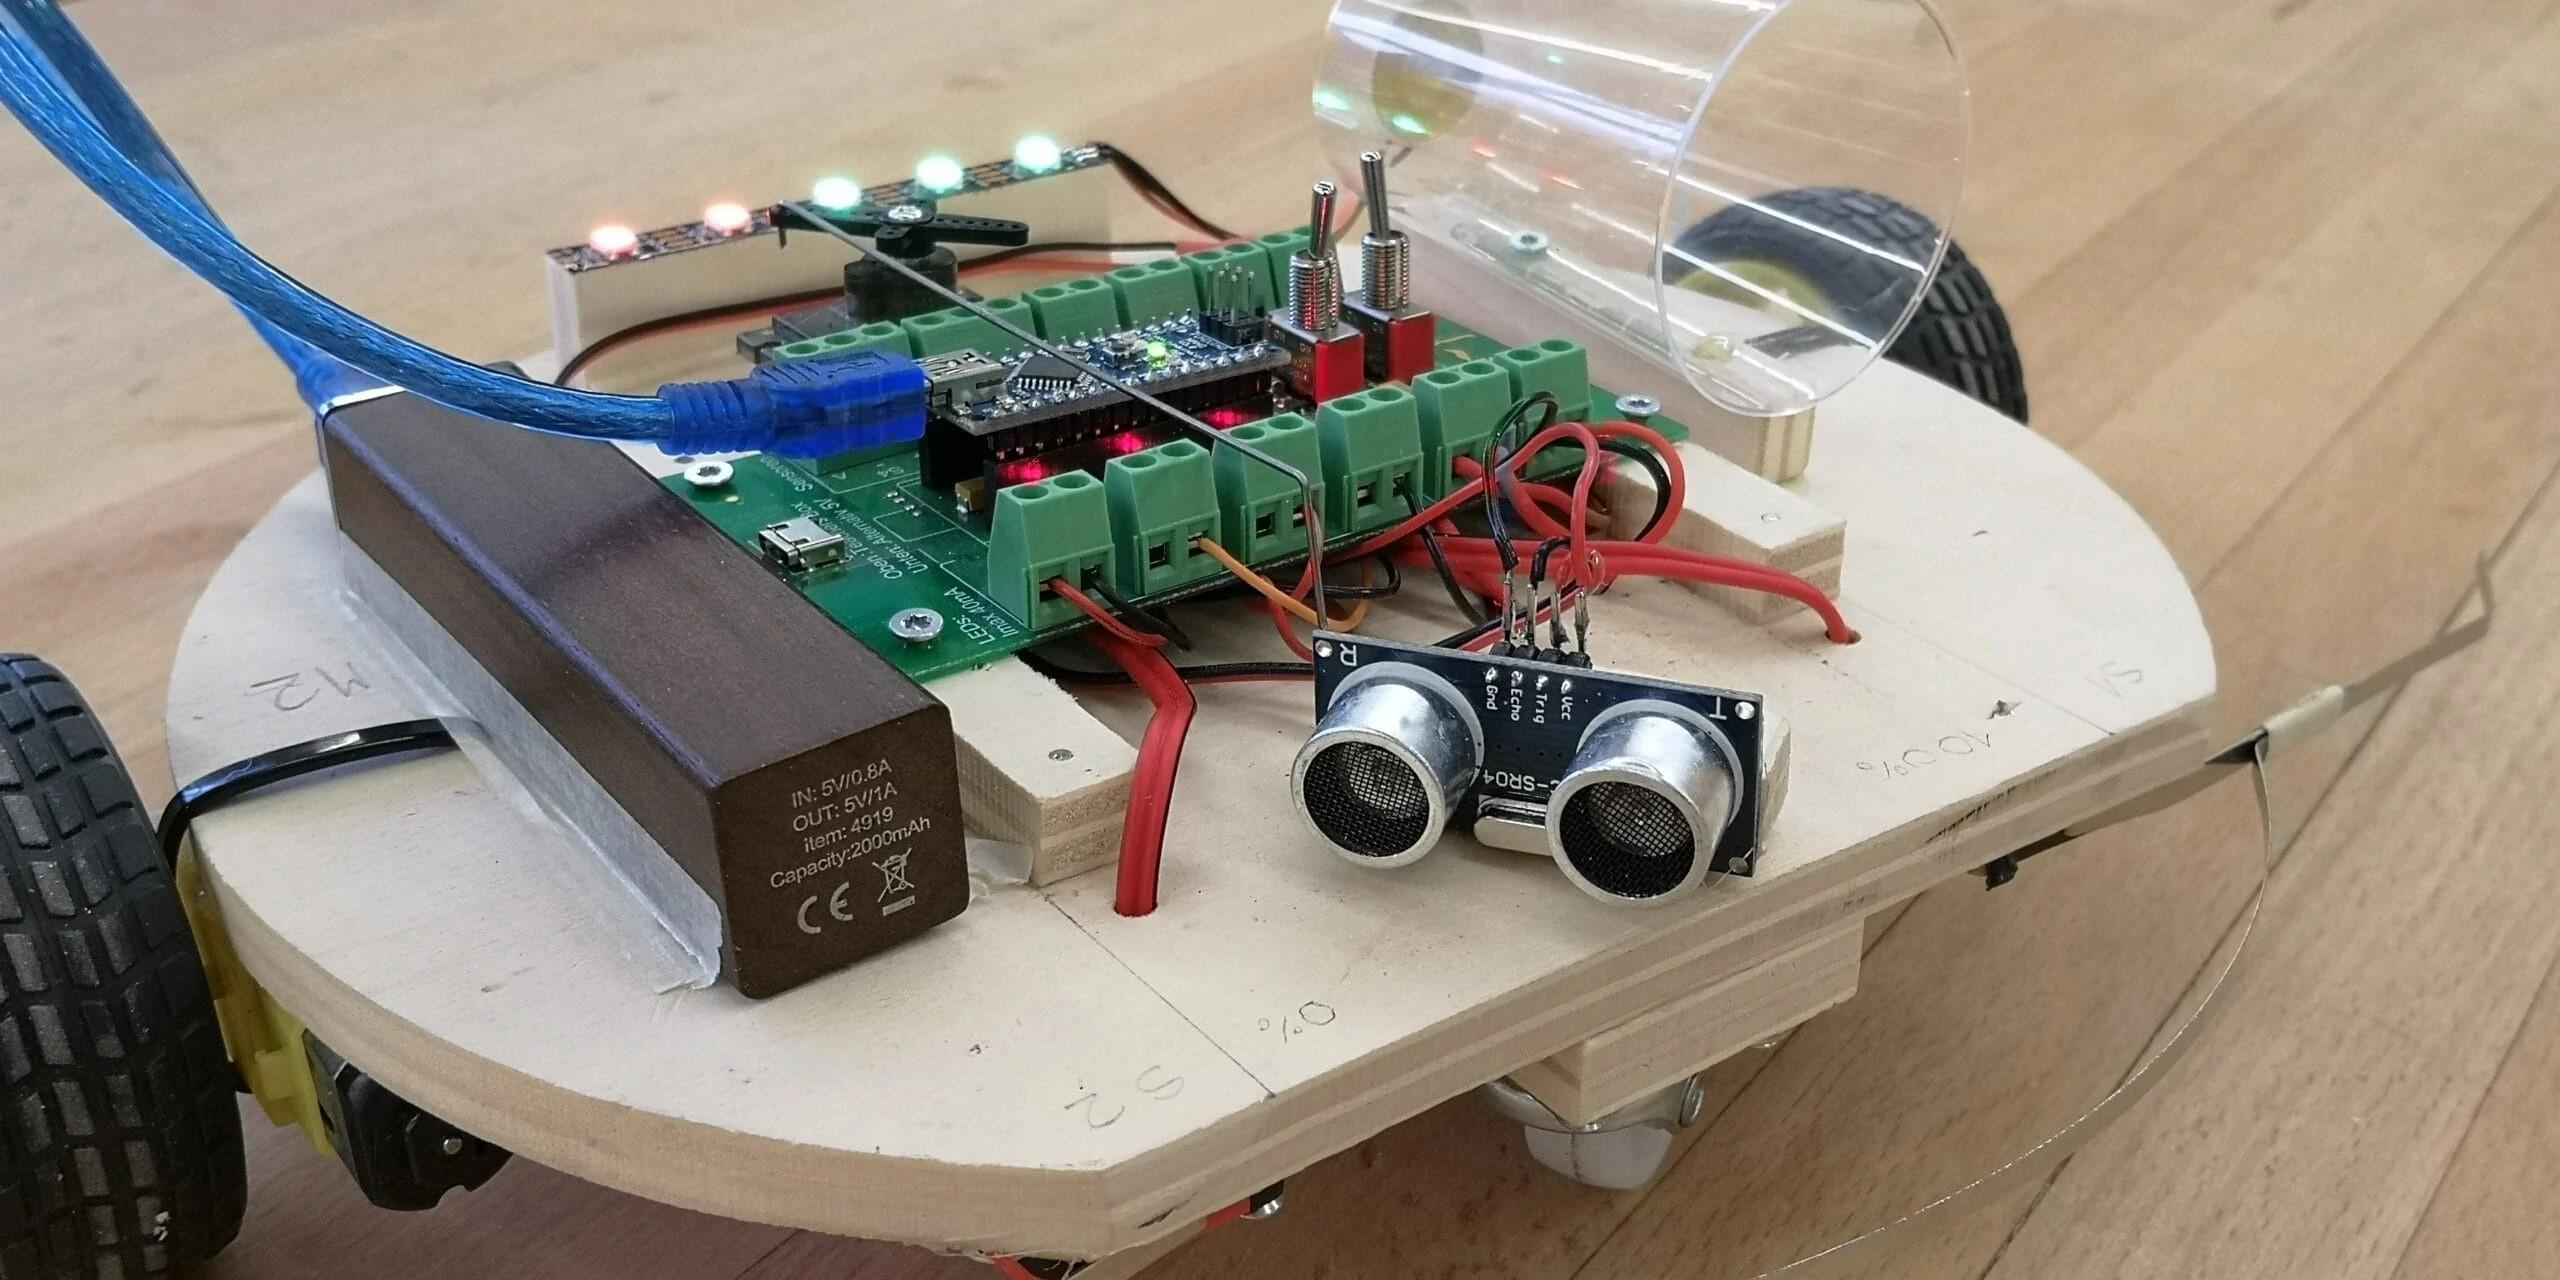 Preview image for LOM object Arduino Experimente mit dem Ultraschallsensor - vom einfachen Distanzmesser zum intelligenten Fahrzeug